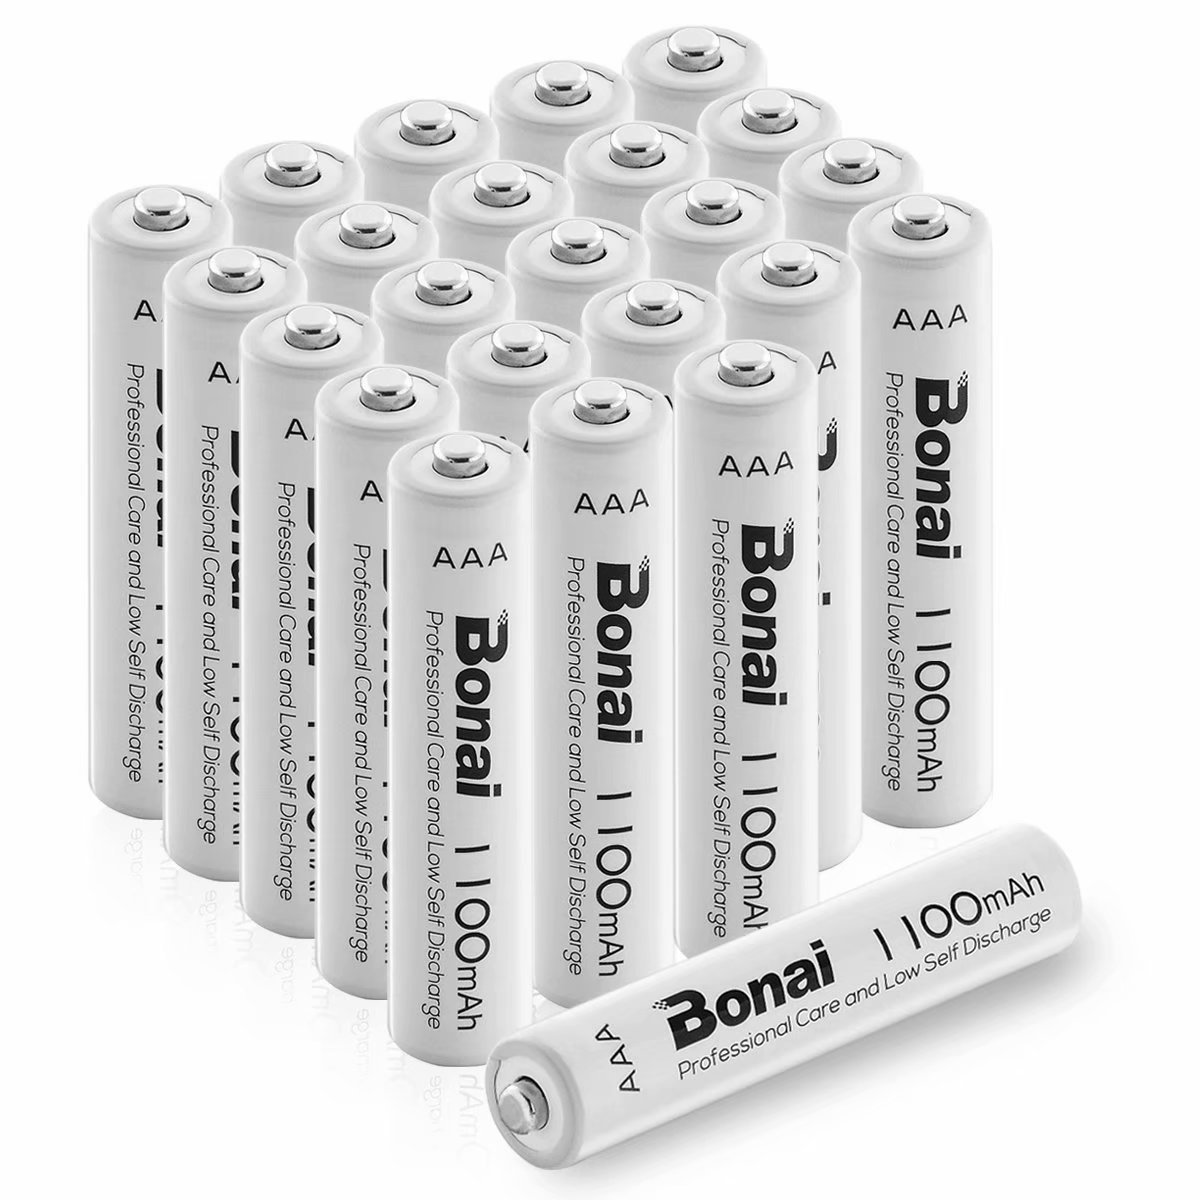 BONAI 1100mAh AAA Rechargeable Batteries 24 Pack,BONAI 1100mAh 1.2V Ni-MH Rechargeable AAA Batteries high Capacity - Triple a Batteries